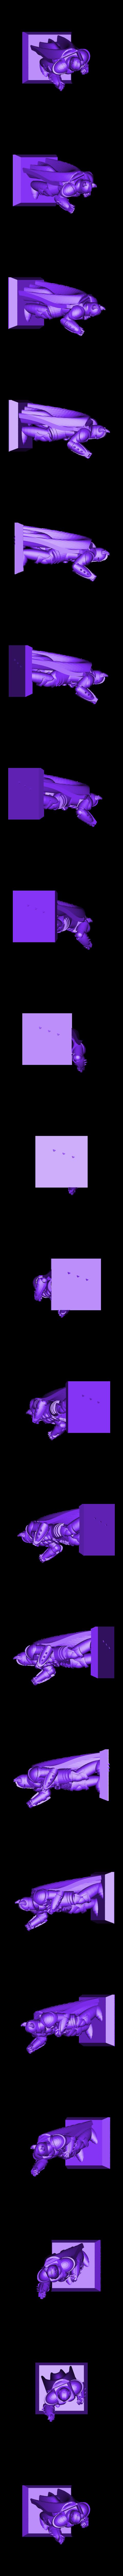 Chaos_Warrior_Batman.stl Télécharger fichier STL gratuit Chaos Champion • Objet pour imprimante 3D, mrhers2